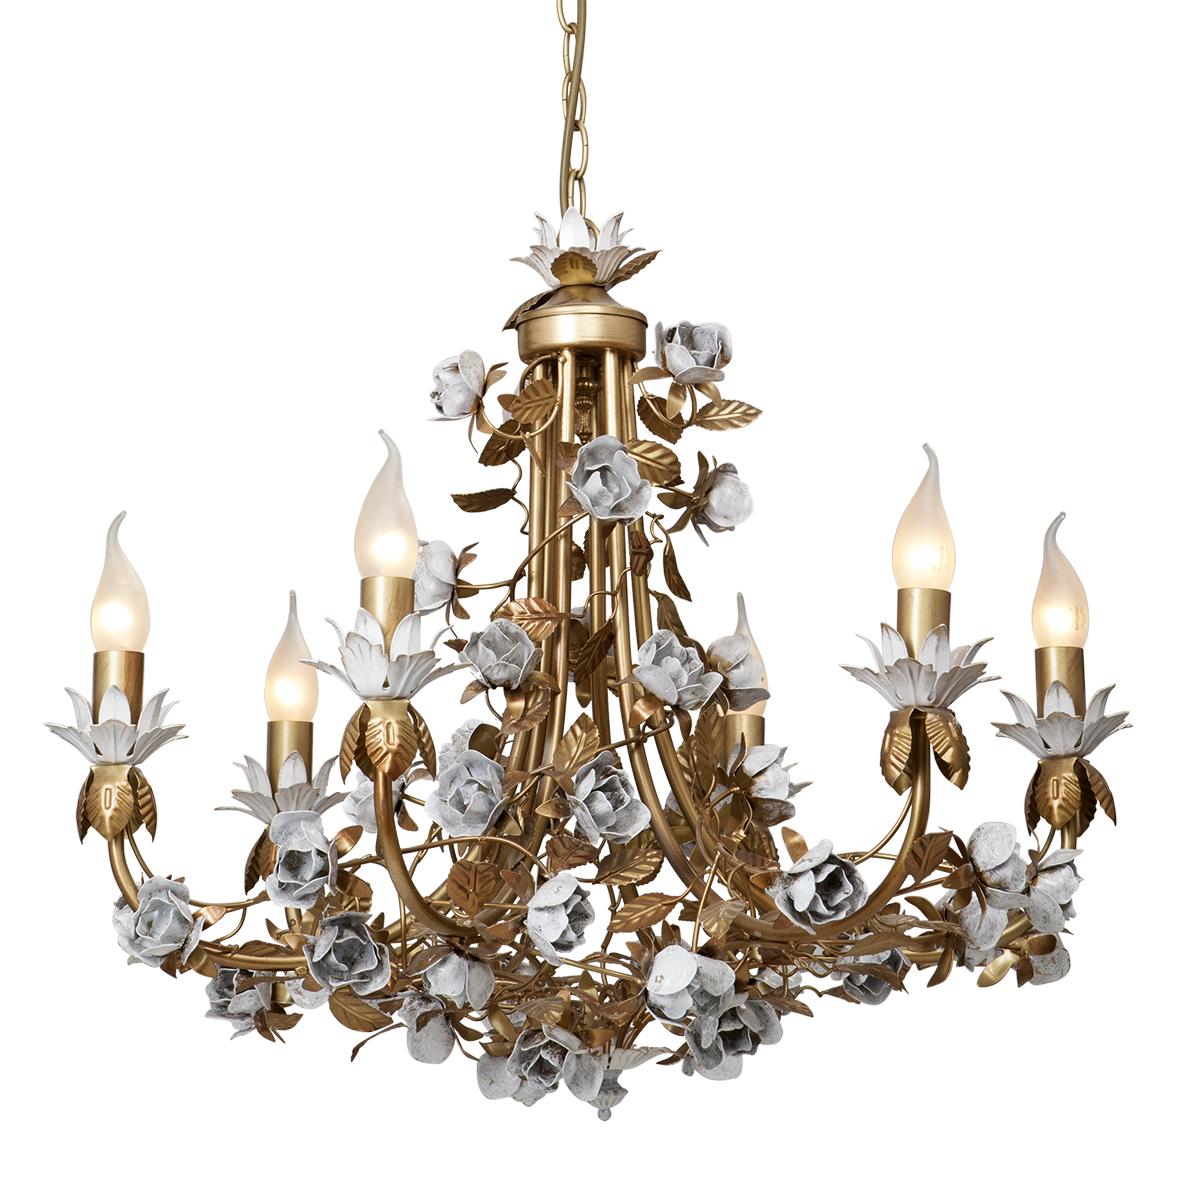 Люстра Vitaluce V1070/6 люстра мишель 5xe14x60 вт металл стекло цвет золото